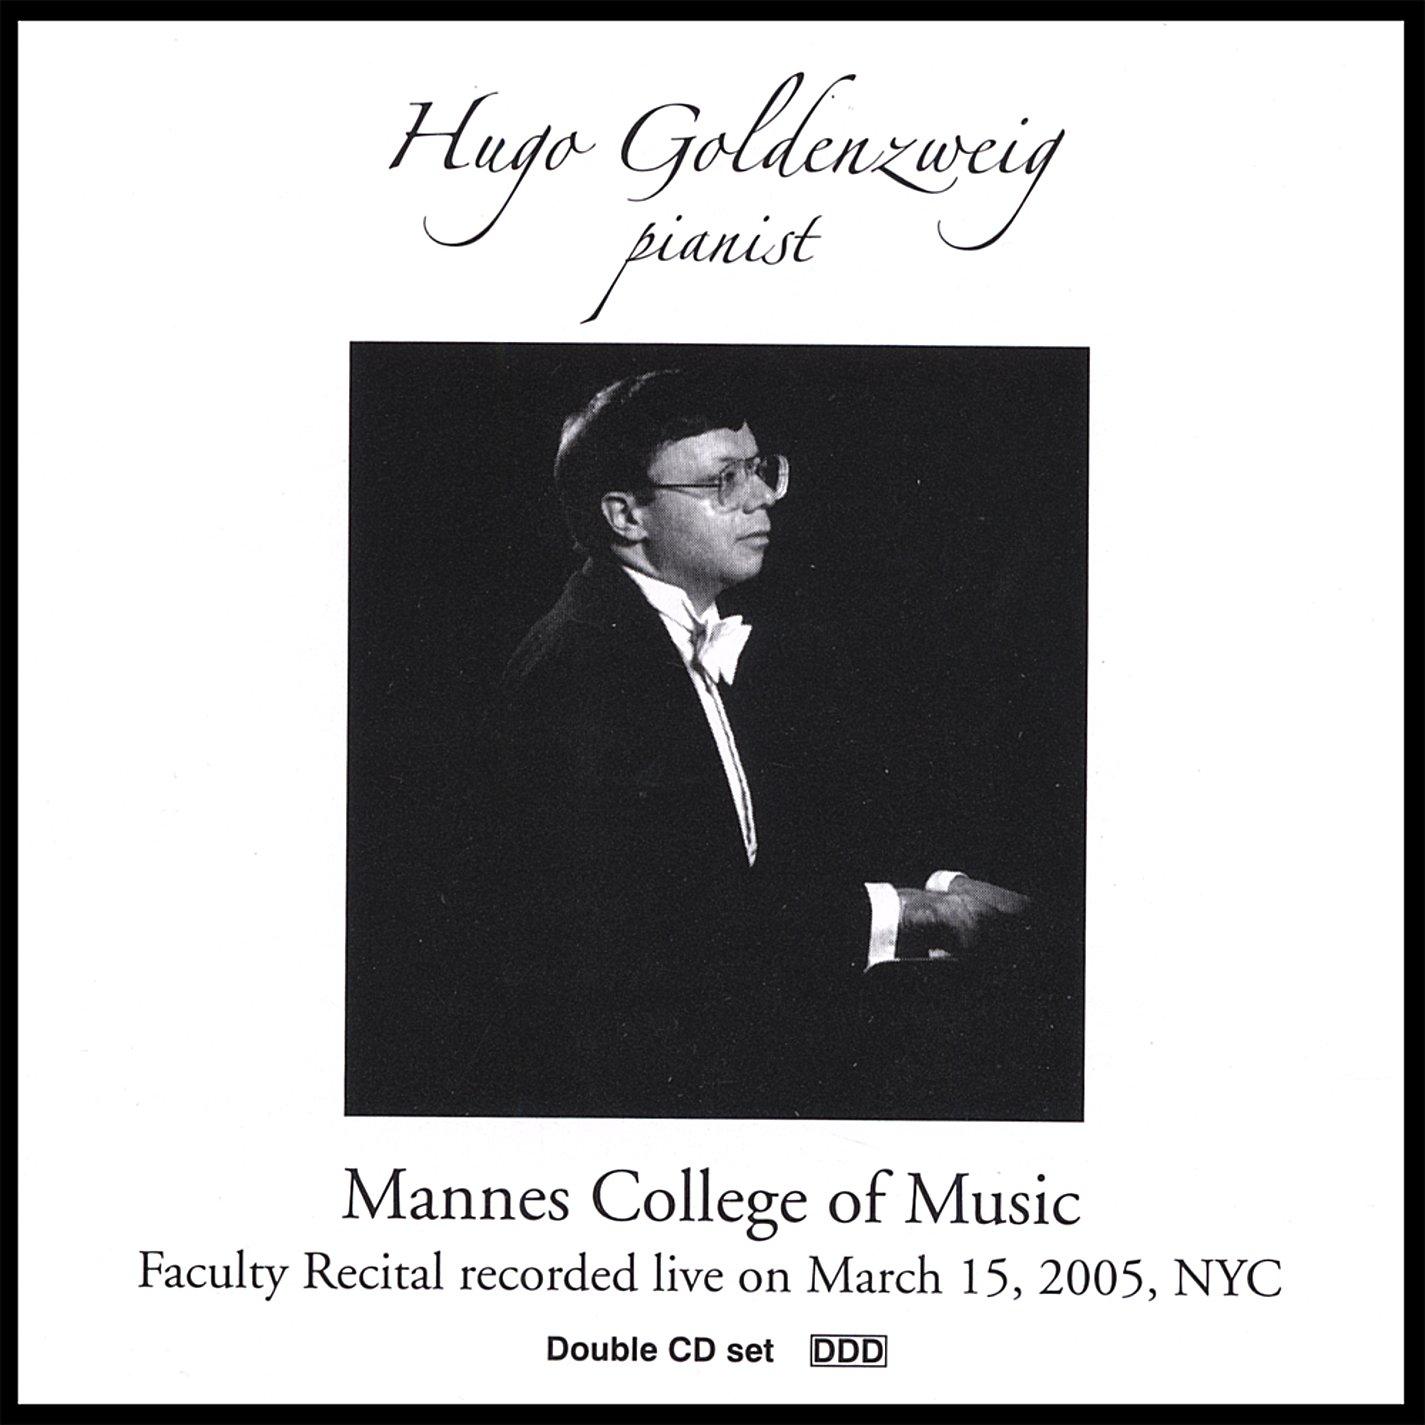 Hugo Goldenzweig: Live Piano Recital